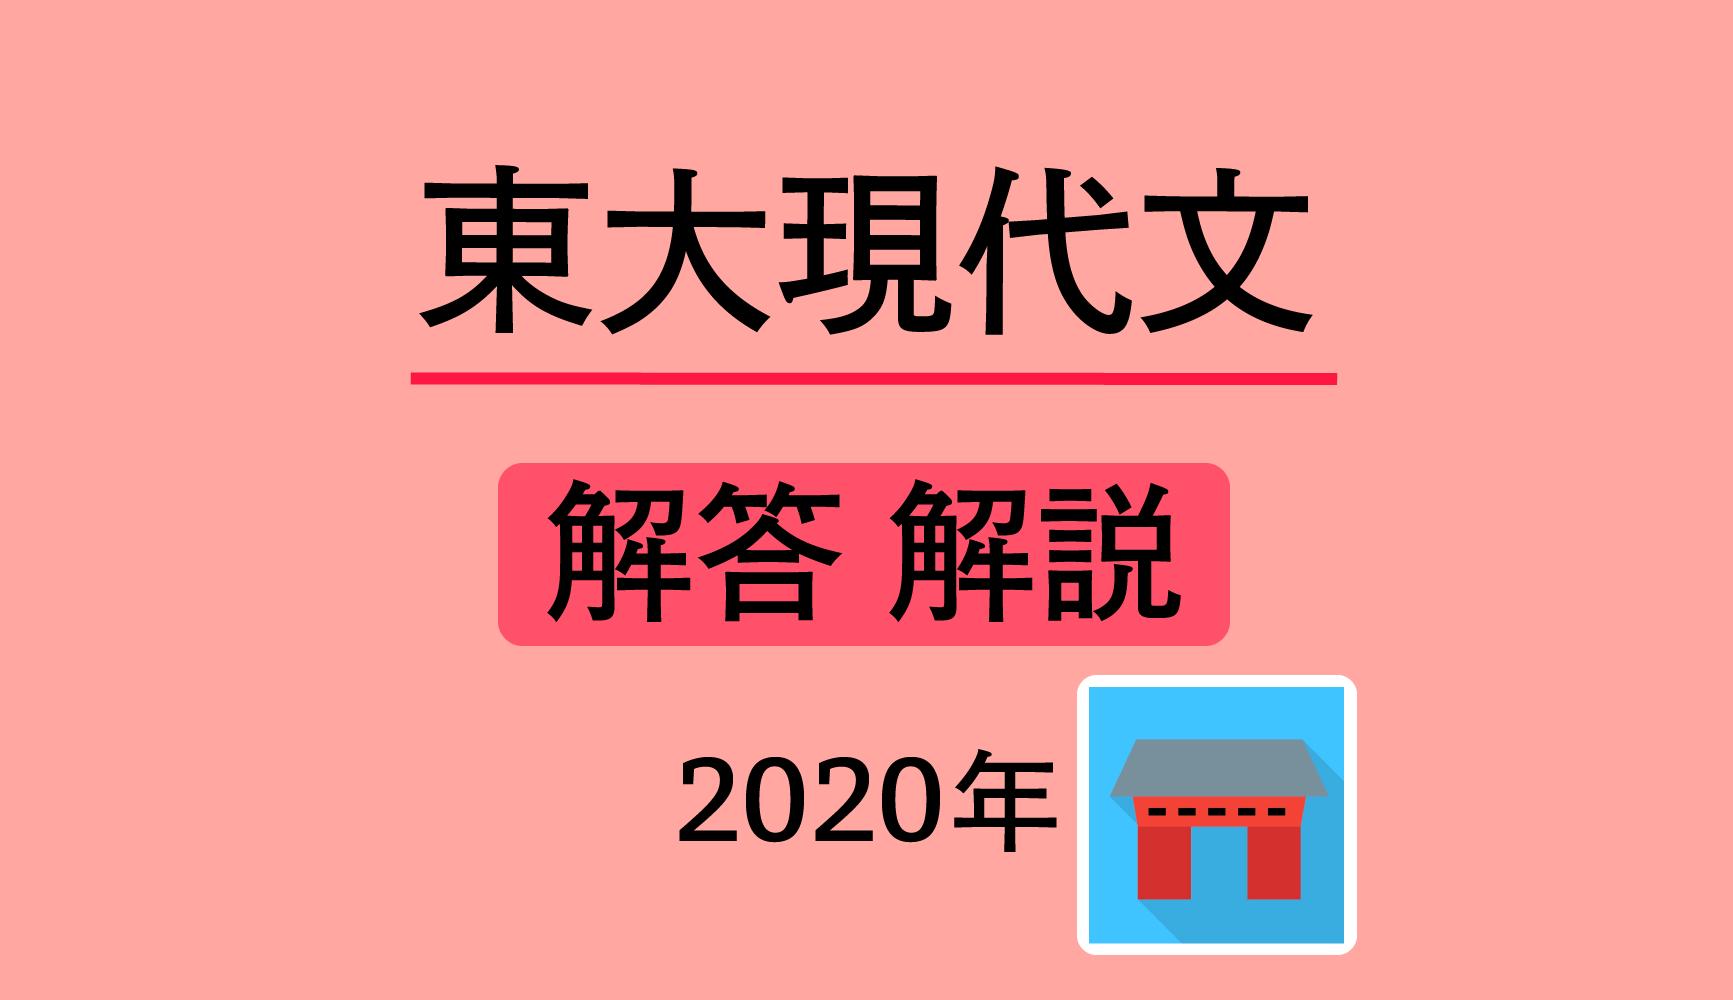 2020年東大現代文を徹底解説!解答例&解説&分析(解答速報)